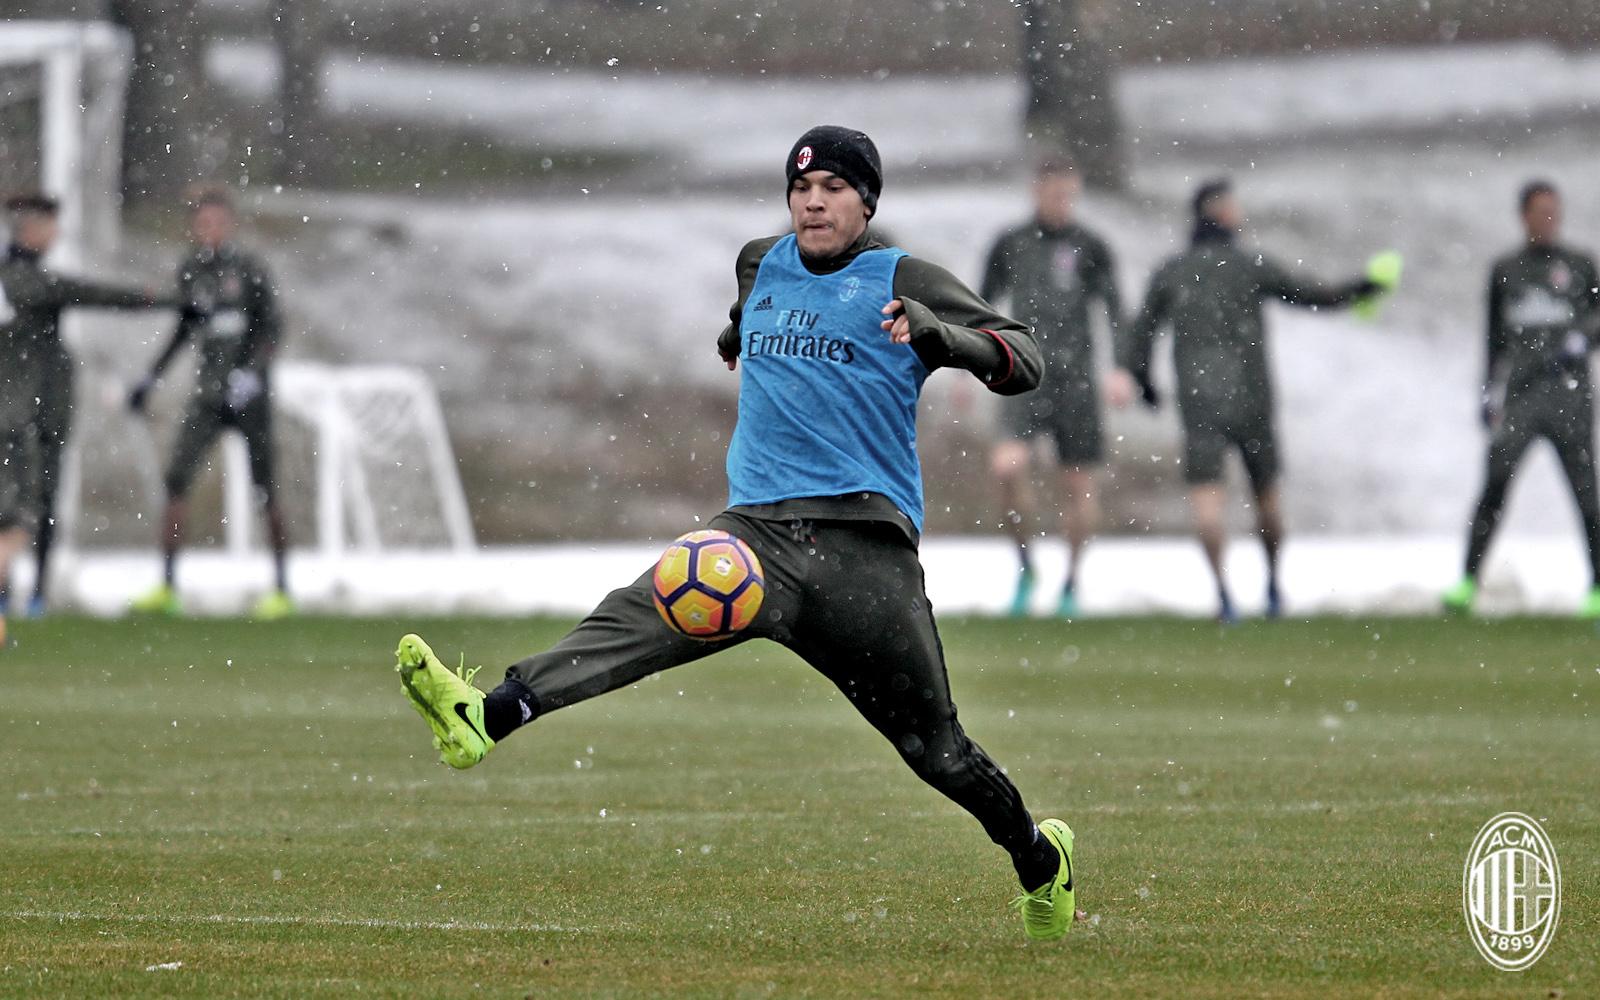 Trước đại chiến, AC Milan cắn răng tập luyện dưới cái lạnh thấu xương - Bóng Đá